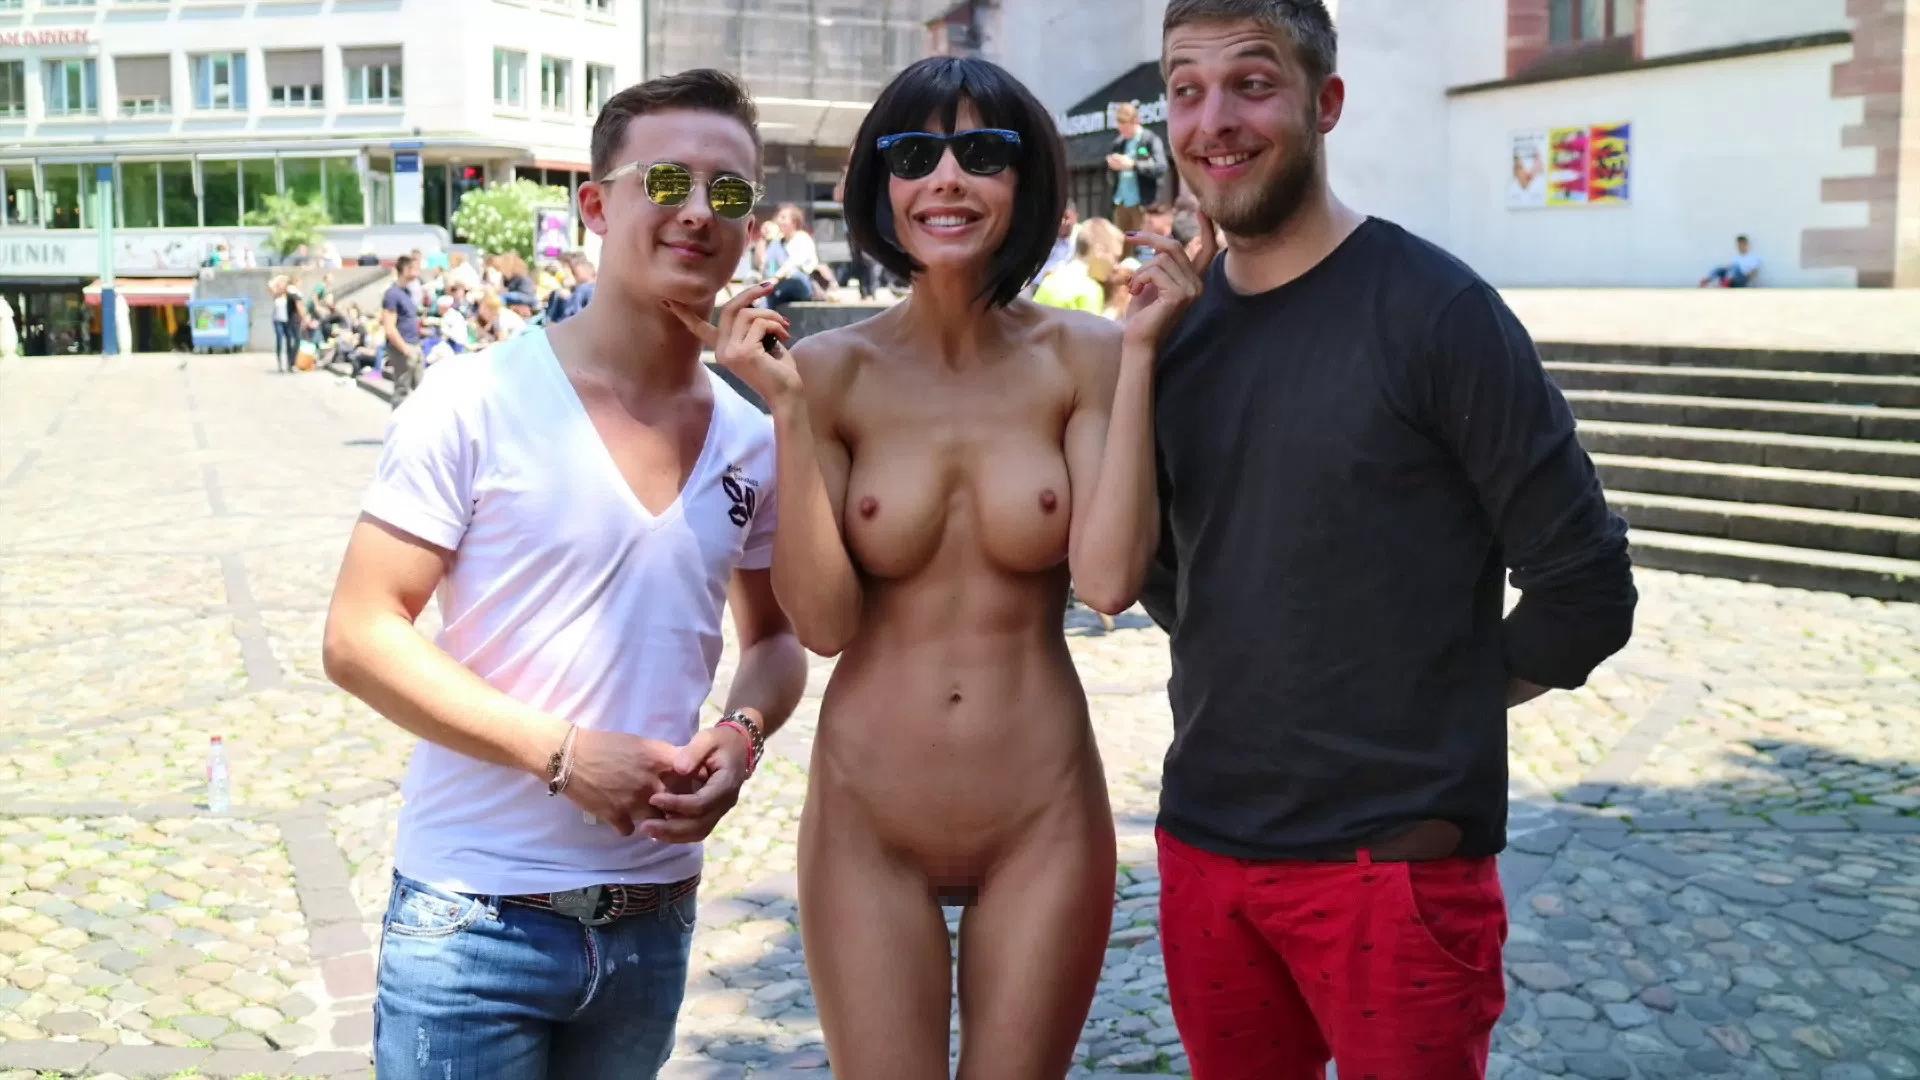 【露出狂】生乳とマンコをこどもにも触らせて逮捕されたヘンタイ女wwwwwwwww・10枚目